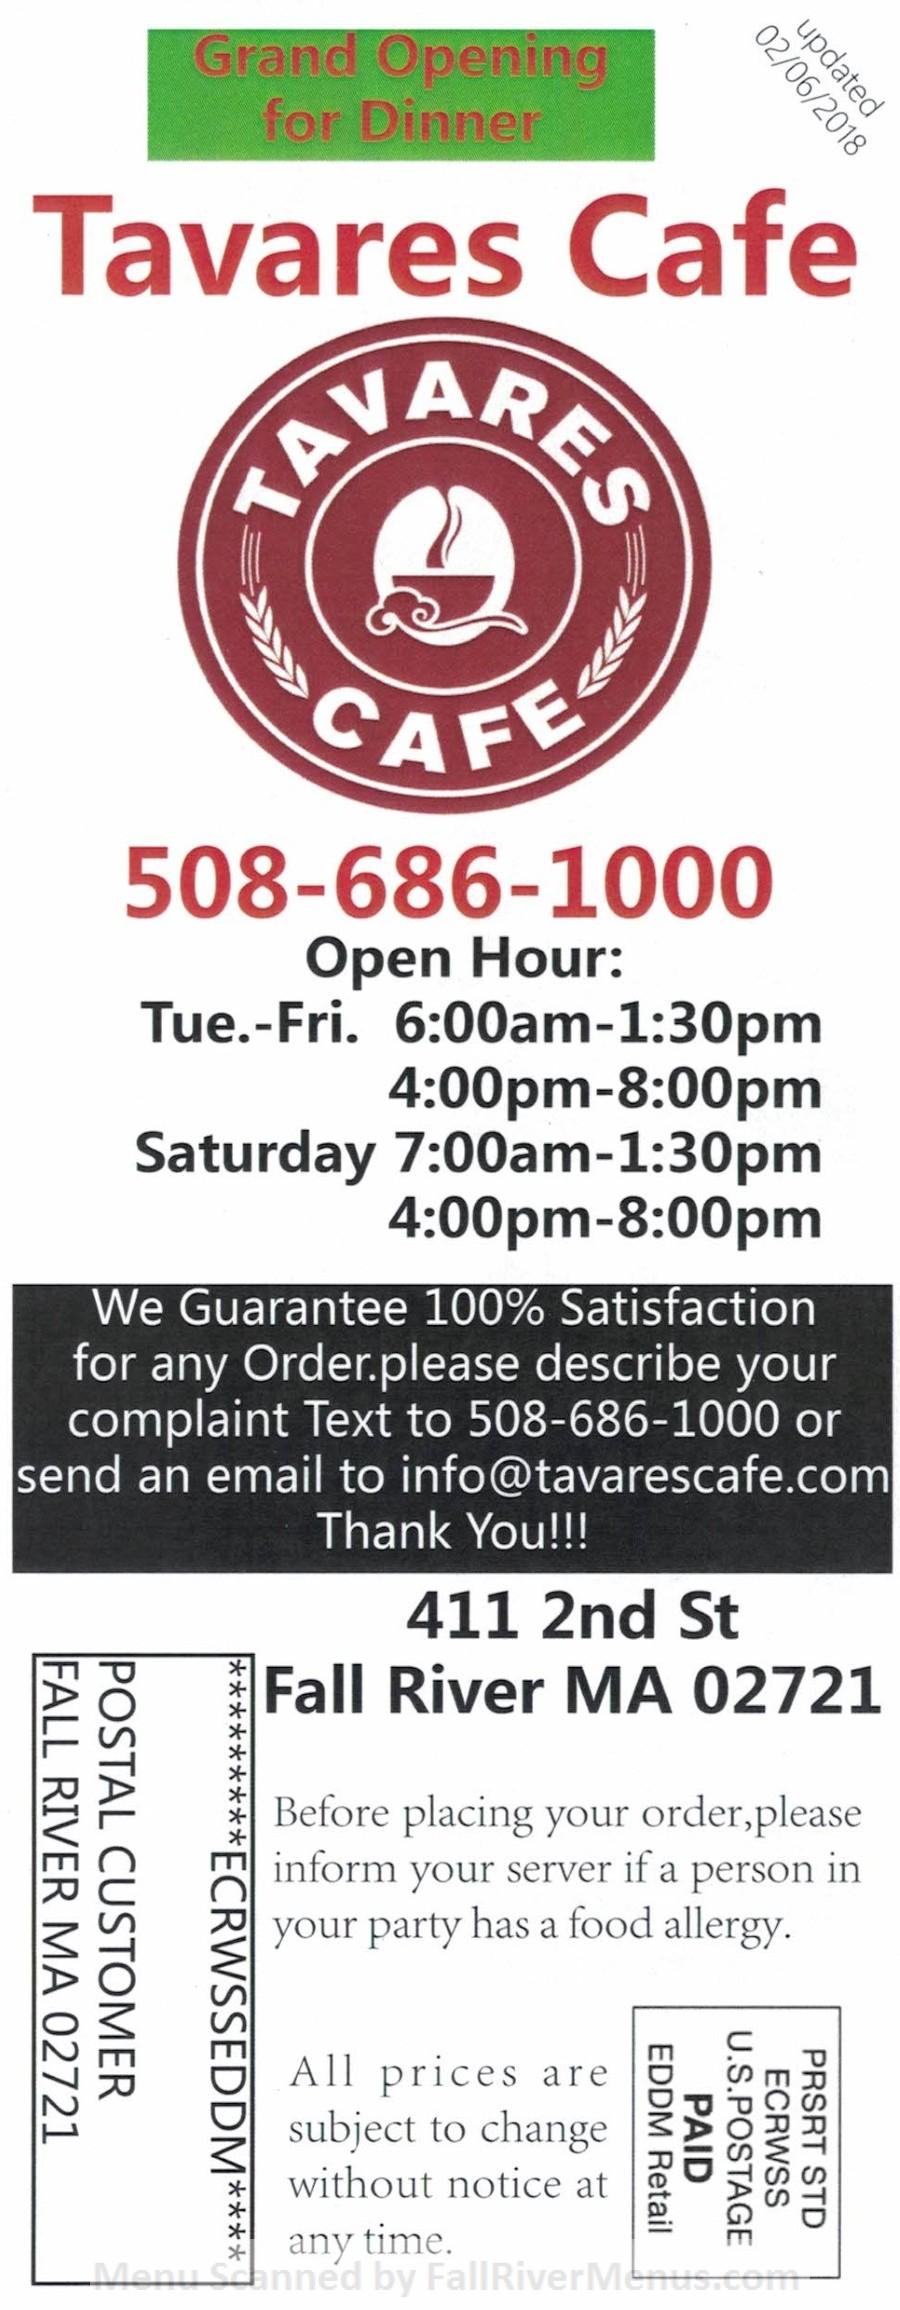 Tavares Cafe